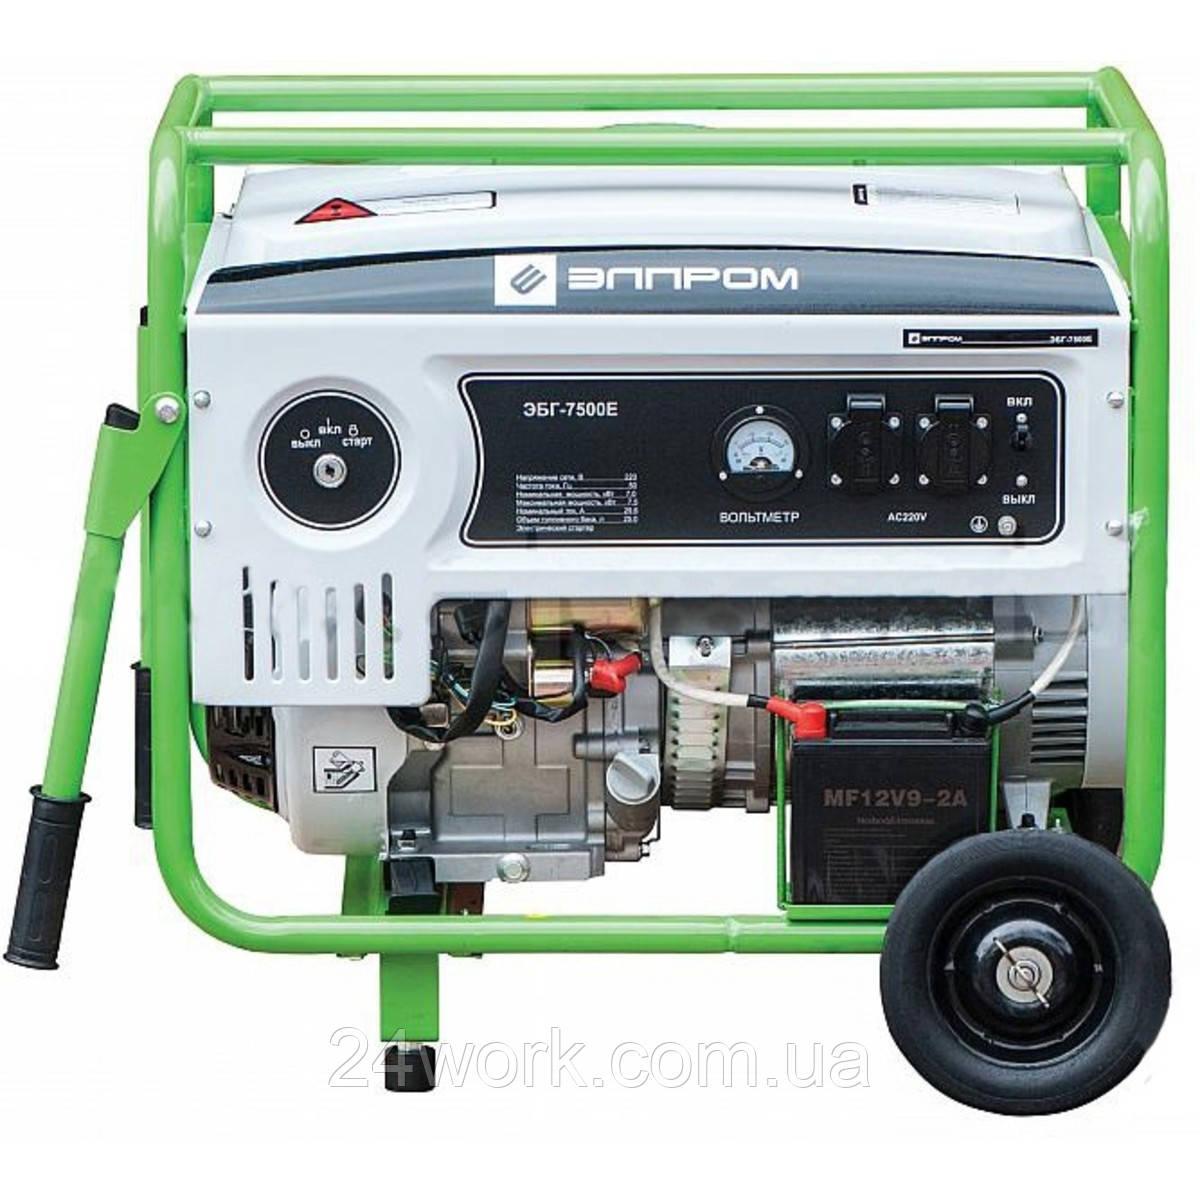 Бензиновый генератор Элпром ЭБГ-12500 Е (10 кВт)